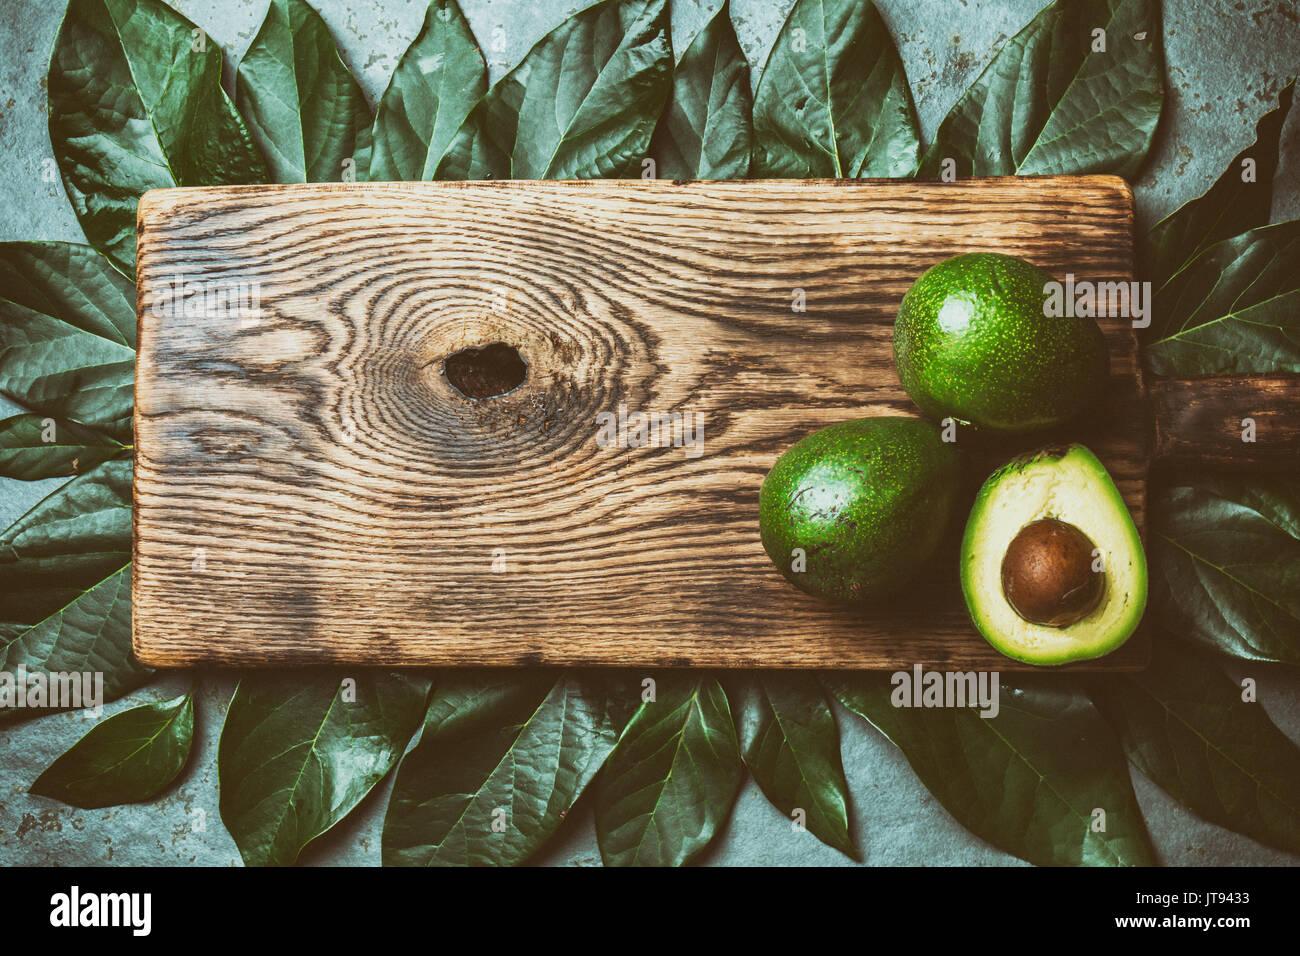 Arrière-plan de l'alimentation, de l'avocat avocat frais avec les feuilles des arbres et planche à découper en bois. Concept de récolte, le guacamole ingrédients. Gras sain, omega 3. La moitié o Photo Stock